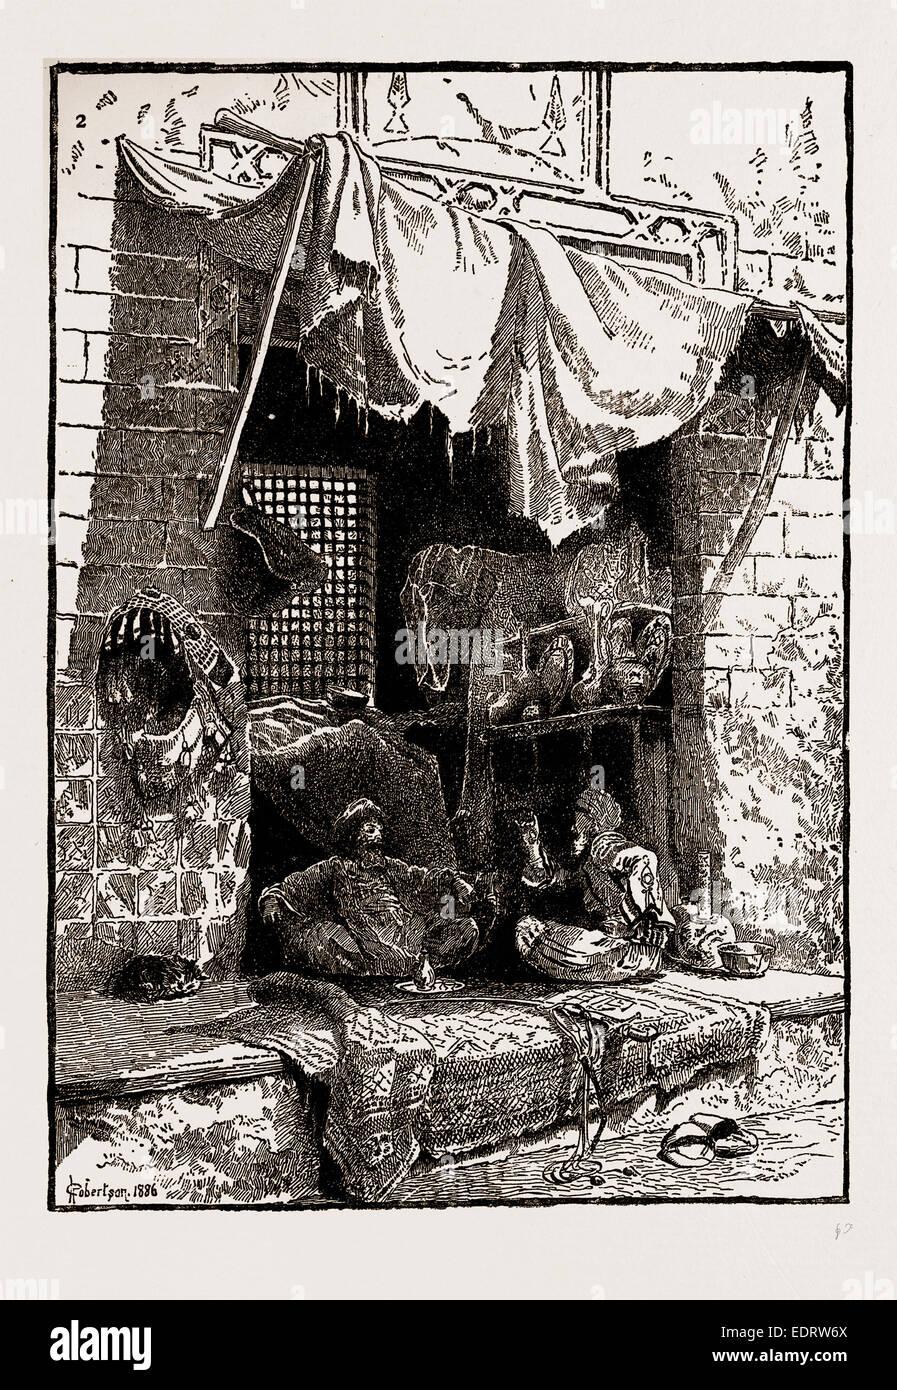 Le illustrazioni del catalogo del Regio istituto di pittori IN ACQUA COLORI, 1886: BAZAAR GOSSIP, da Charles Robertson Immagini Stock